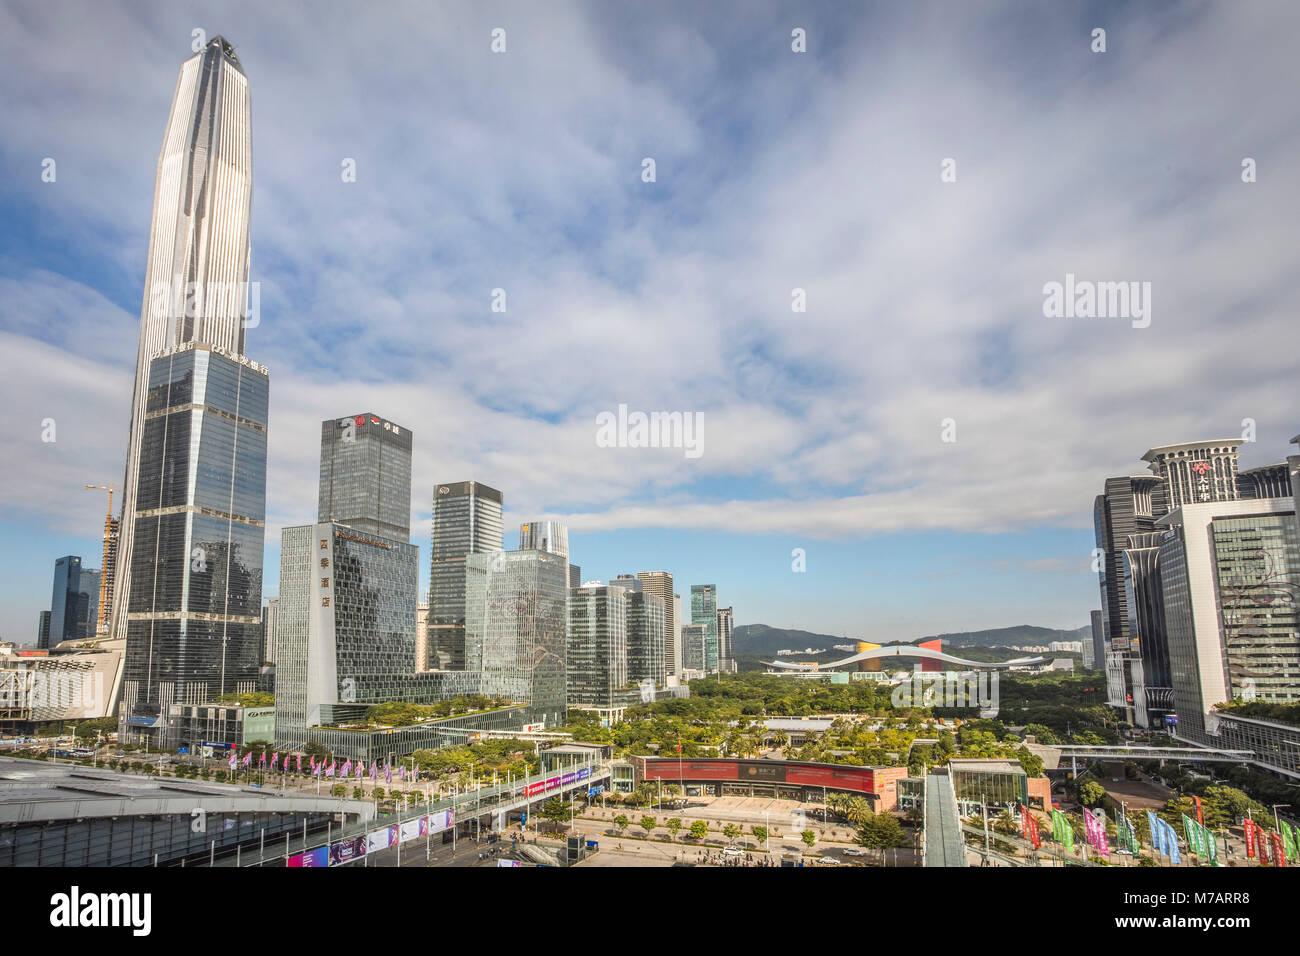 La Chine, la ville de Shenzhen, Shenzhen Pingan Tower et Centre Civique Photo Stock